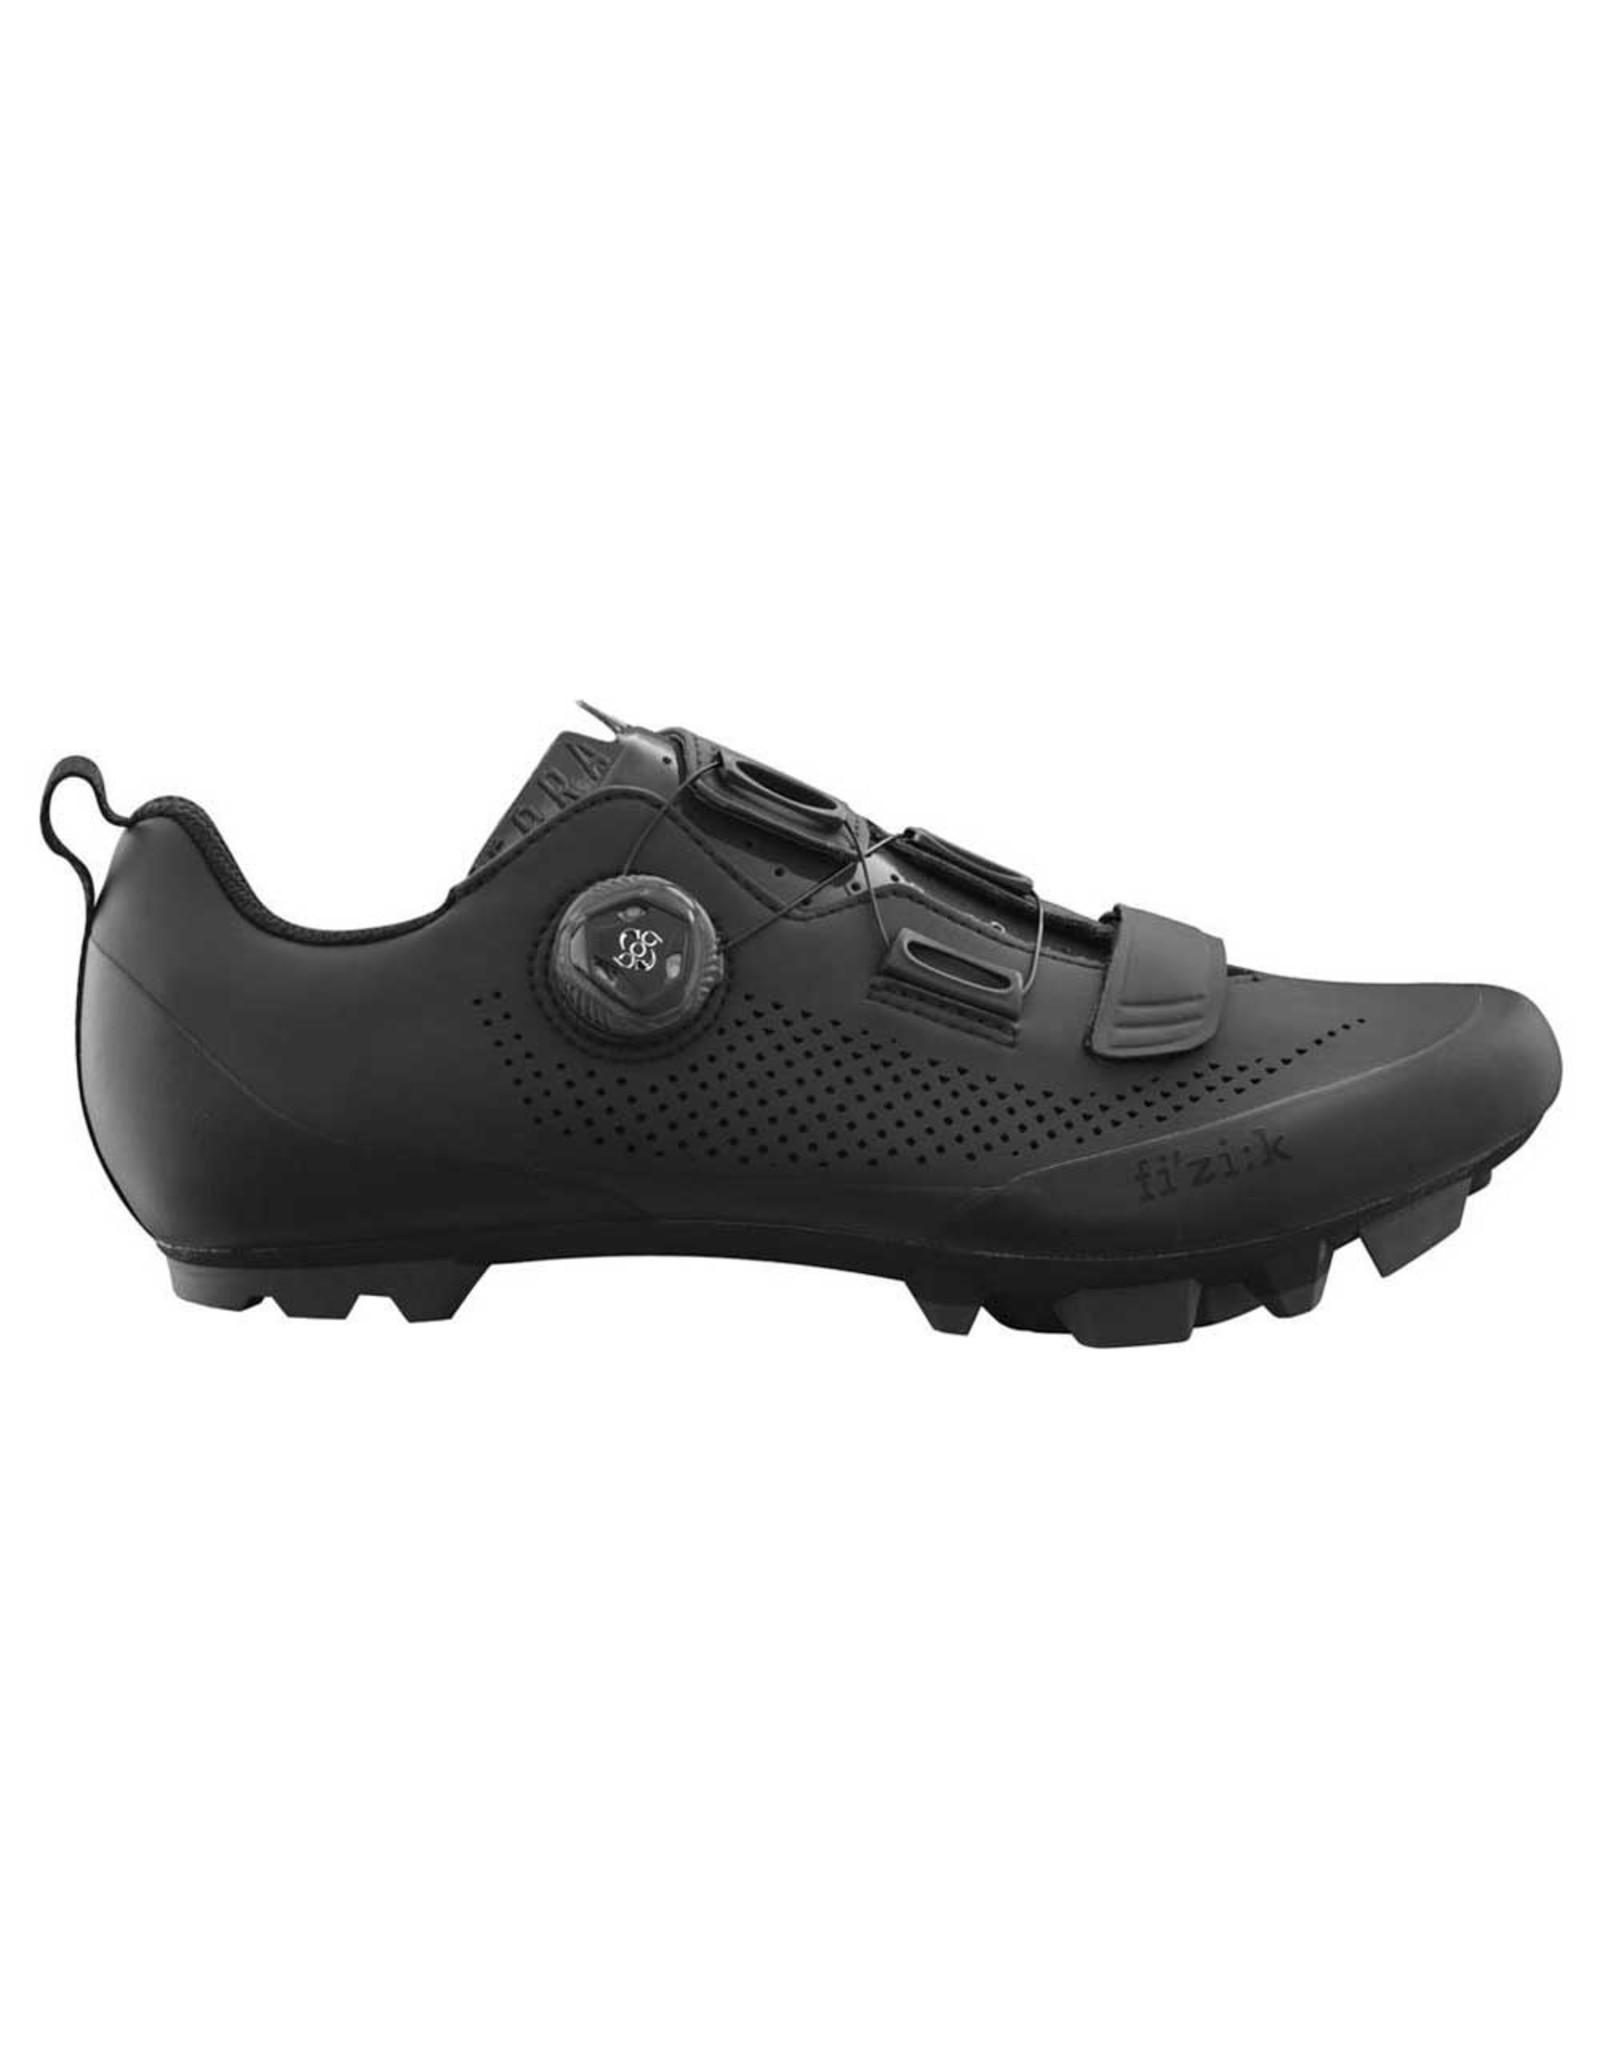 Fizik Chaussures Fizik de VTT Terra X5 Volume control